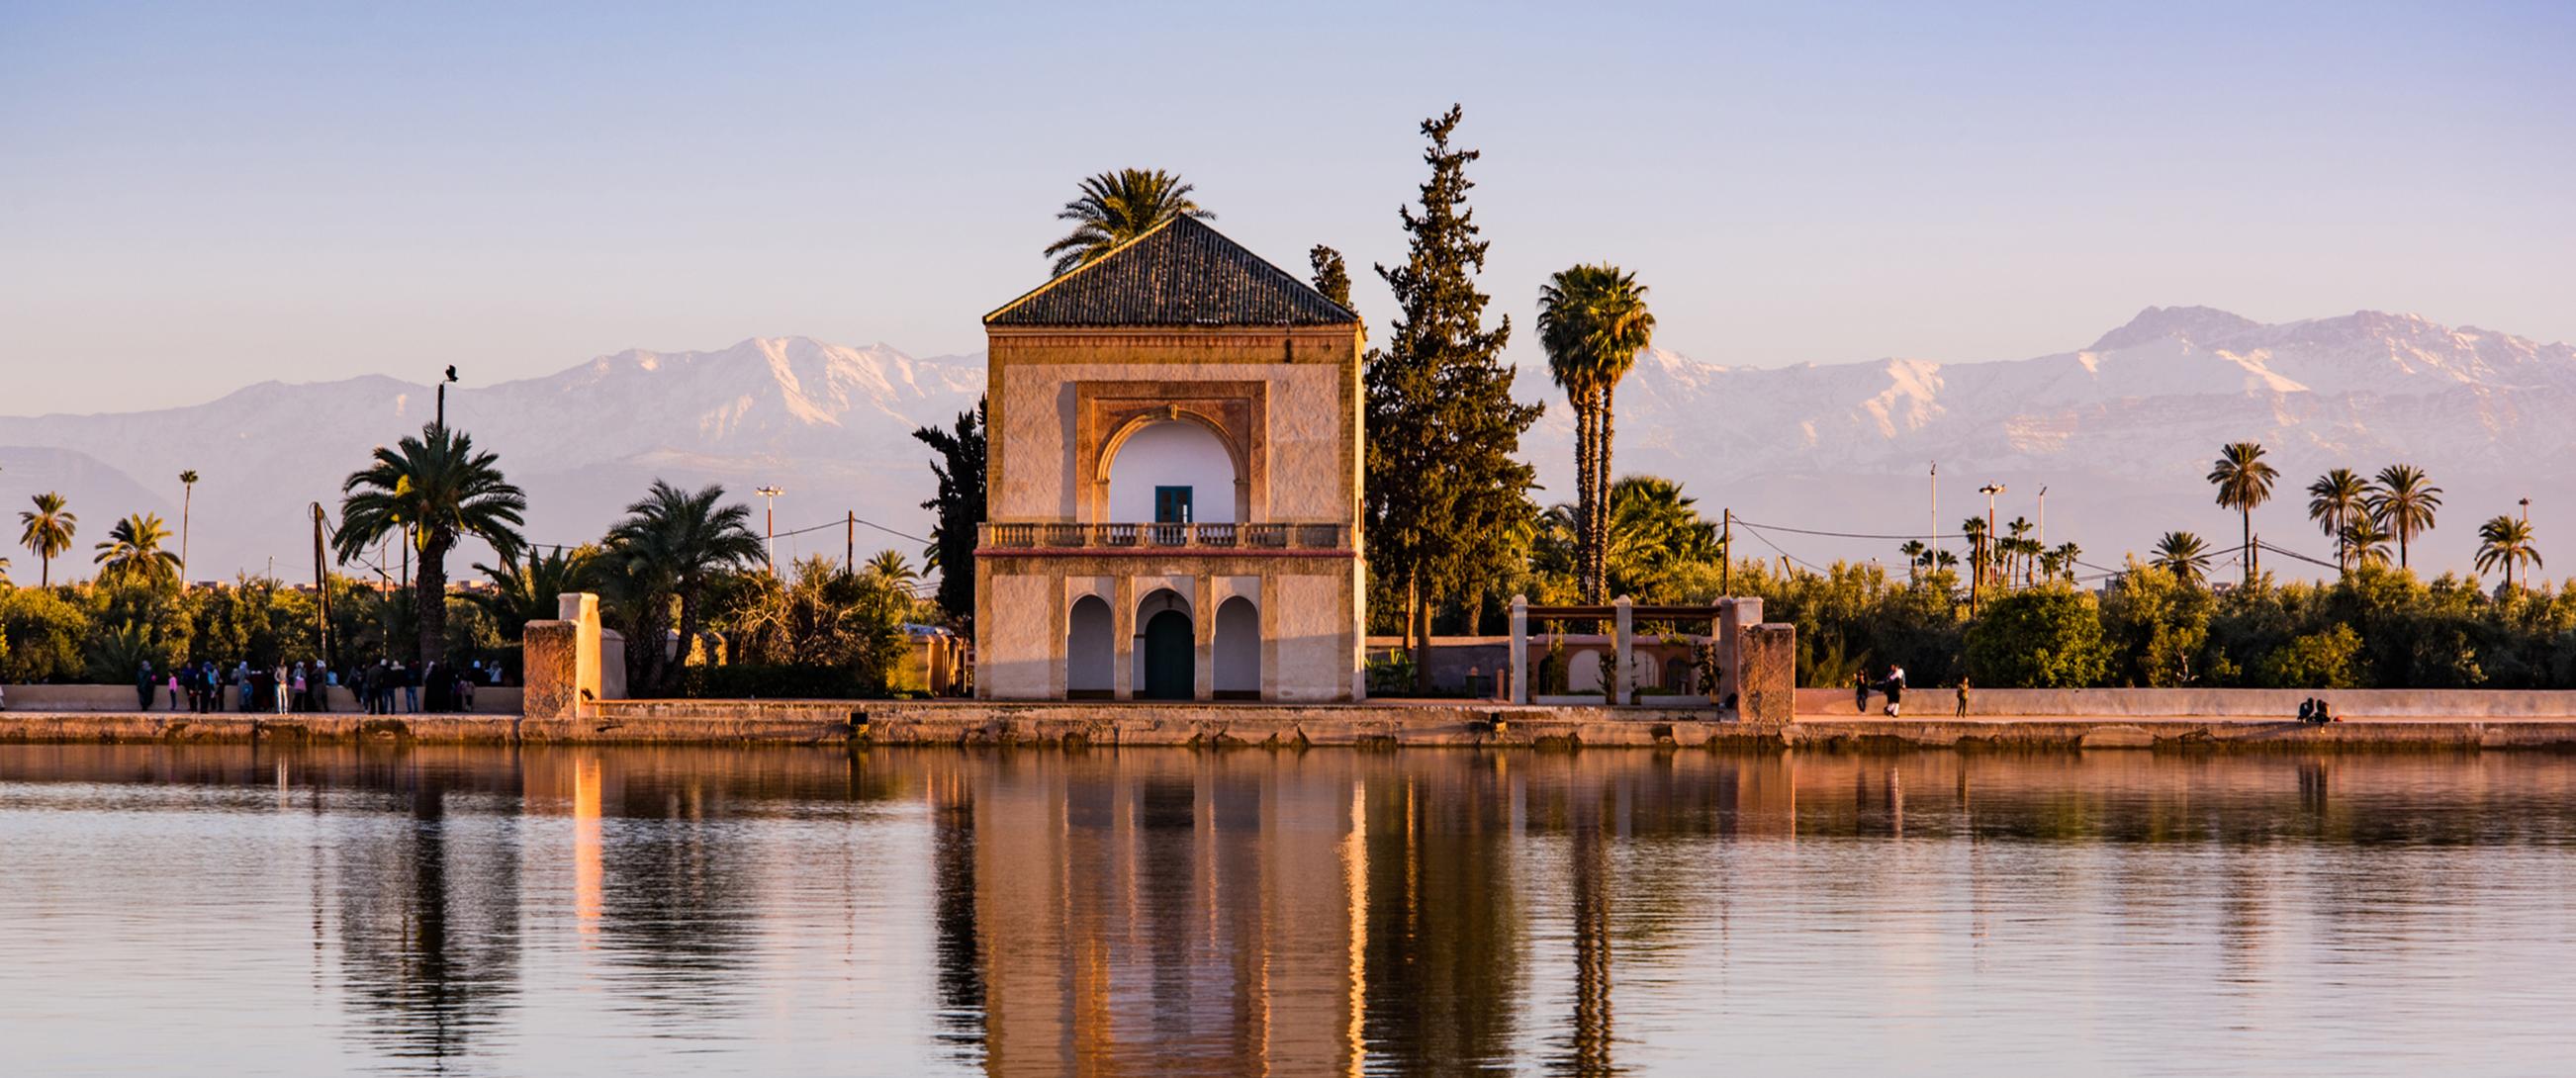 Agence événementielle toulouse voyage entreprise marrakech